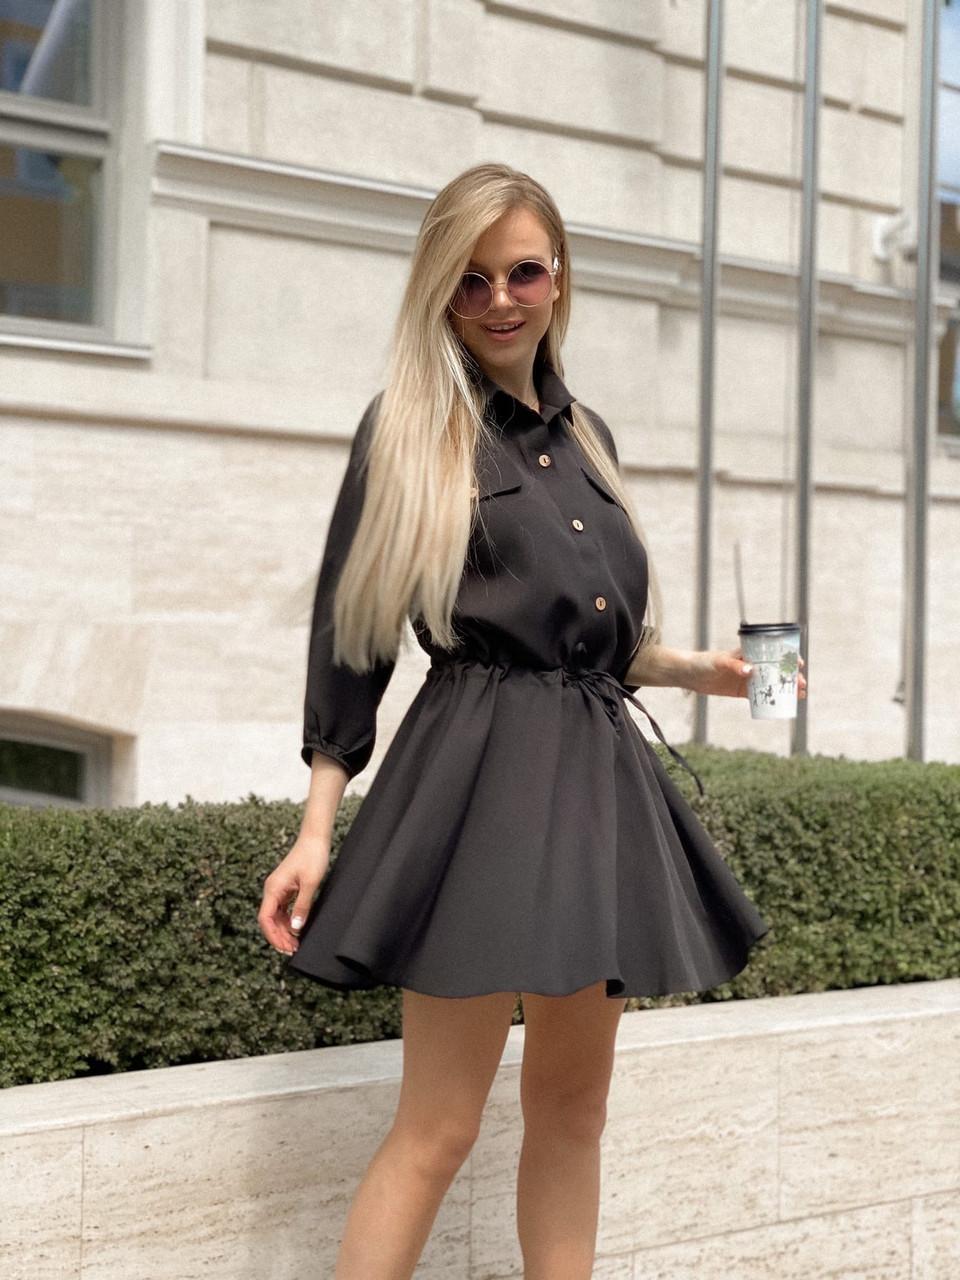 Легкое летнее женское платье, рукав фонарик ¾, юбка клеш, 00765 (Черный), Размер 44 (M)